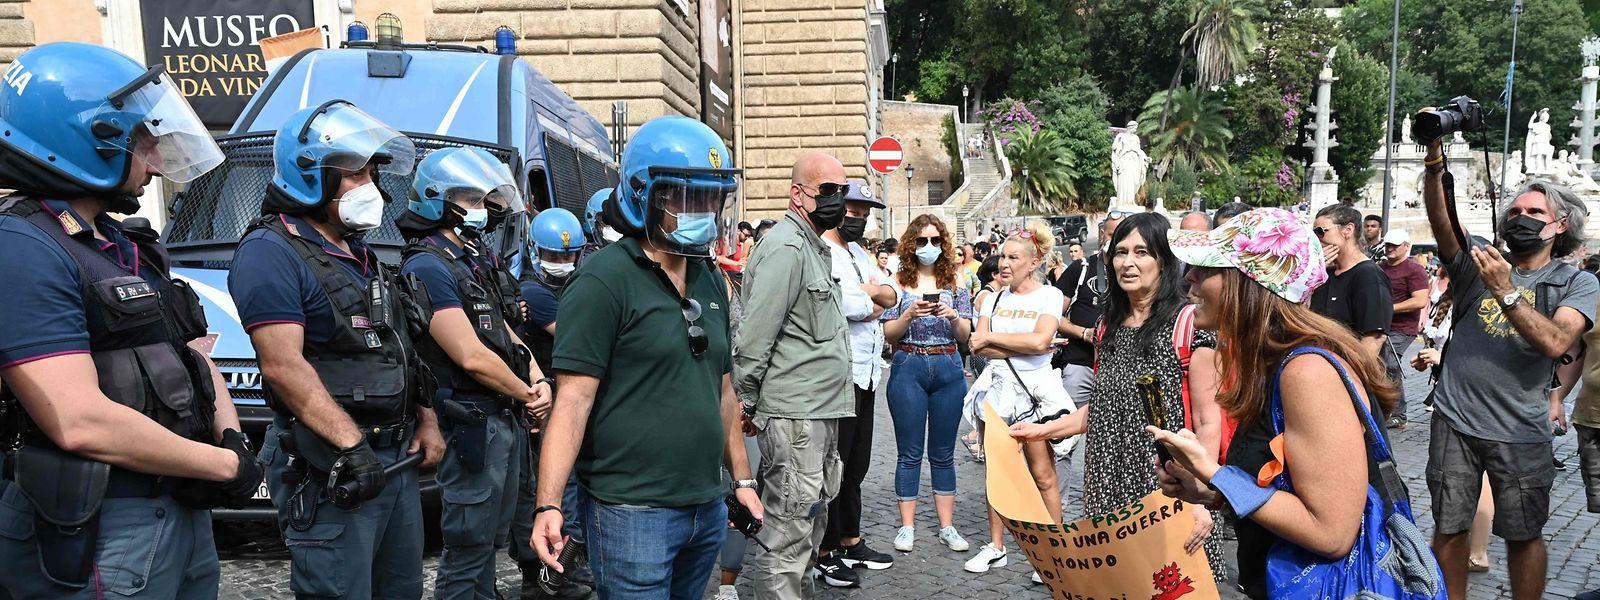 In Rom gingen etwa 3.000 Menschen auf die Straße.